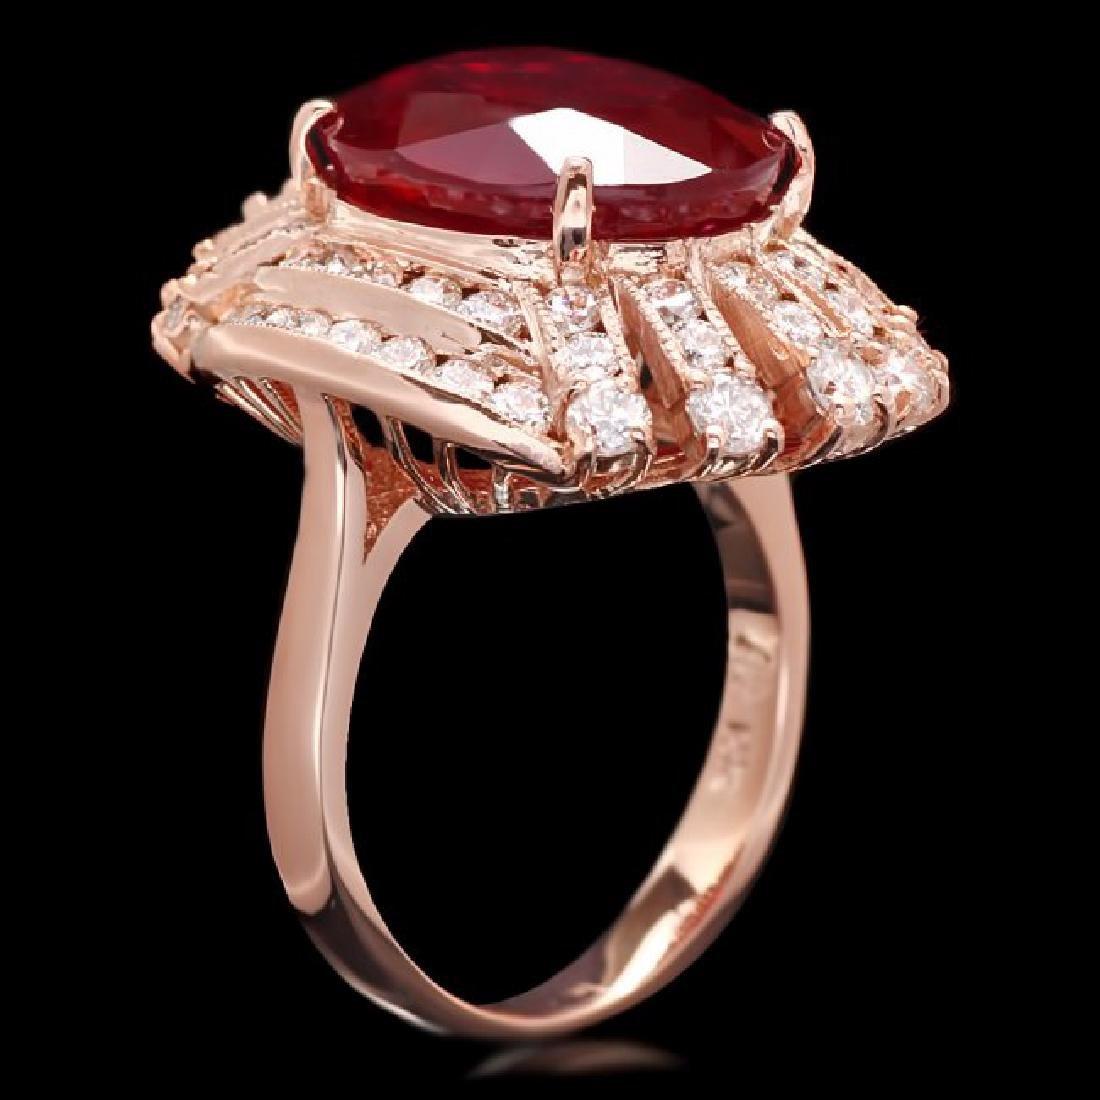 14k Rose Gold 11.80ct Ruby 1.80ct Diamond Ring - 3